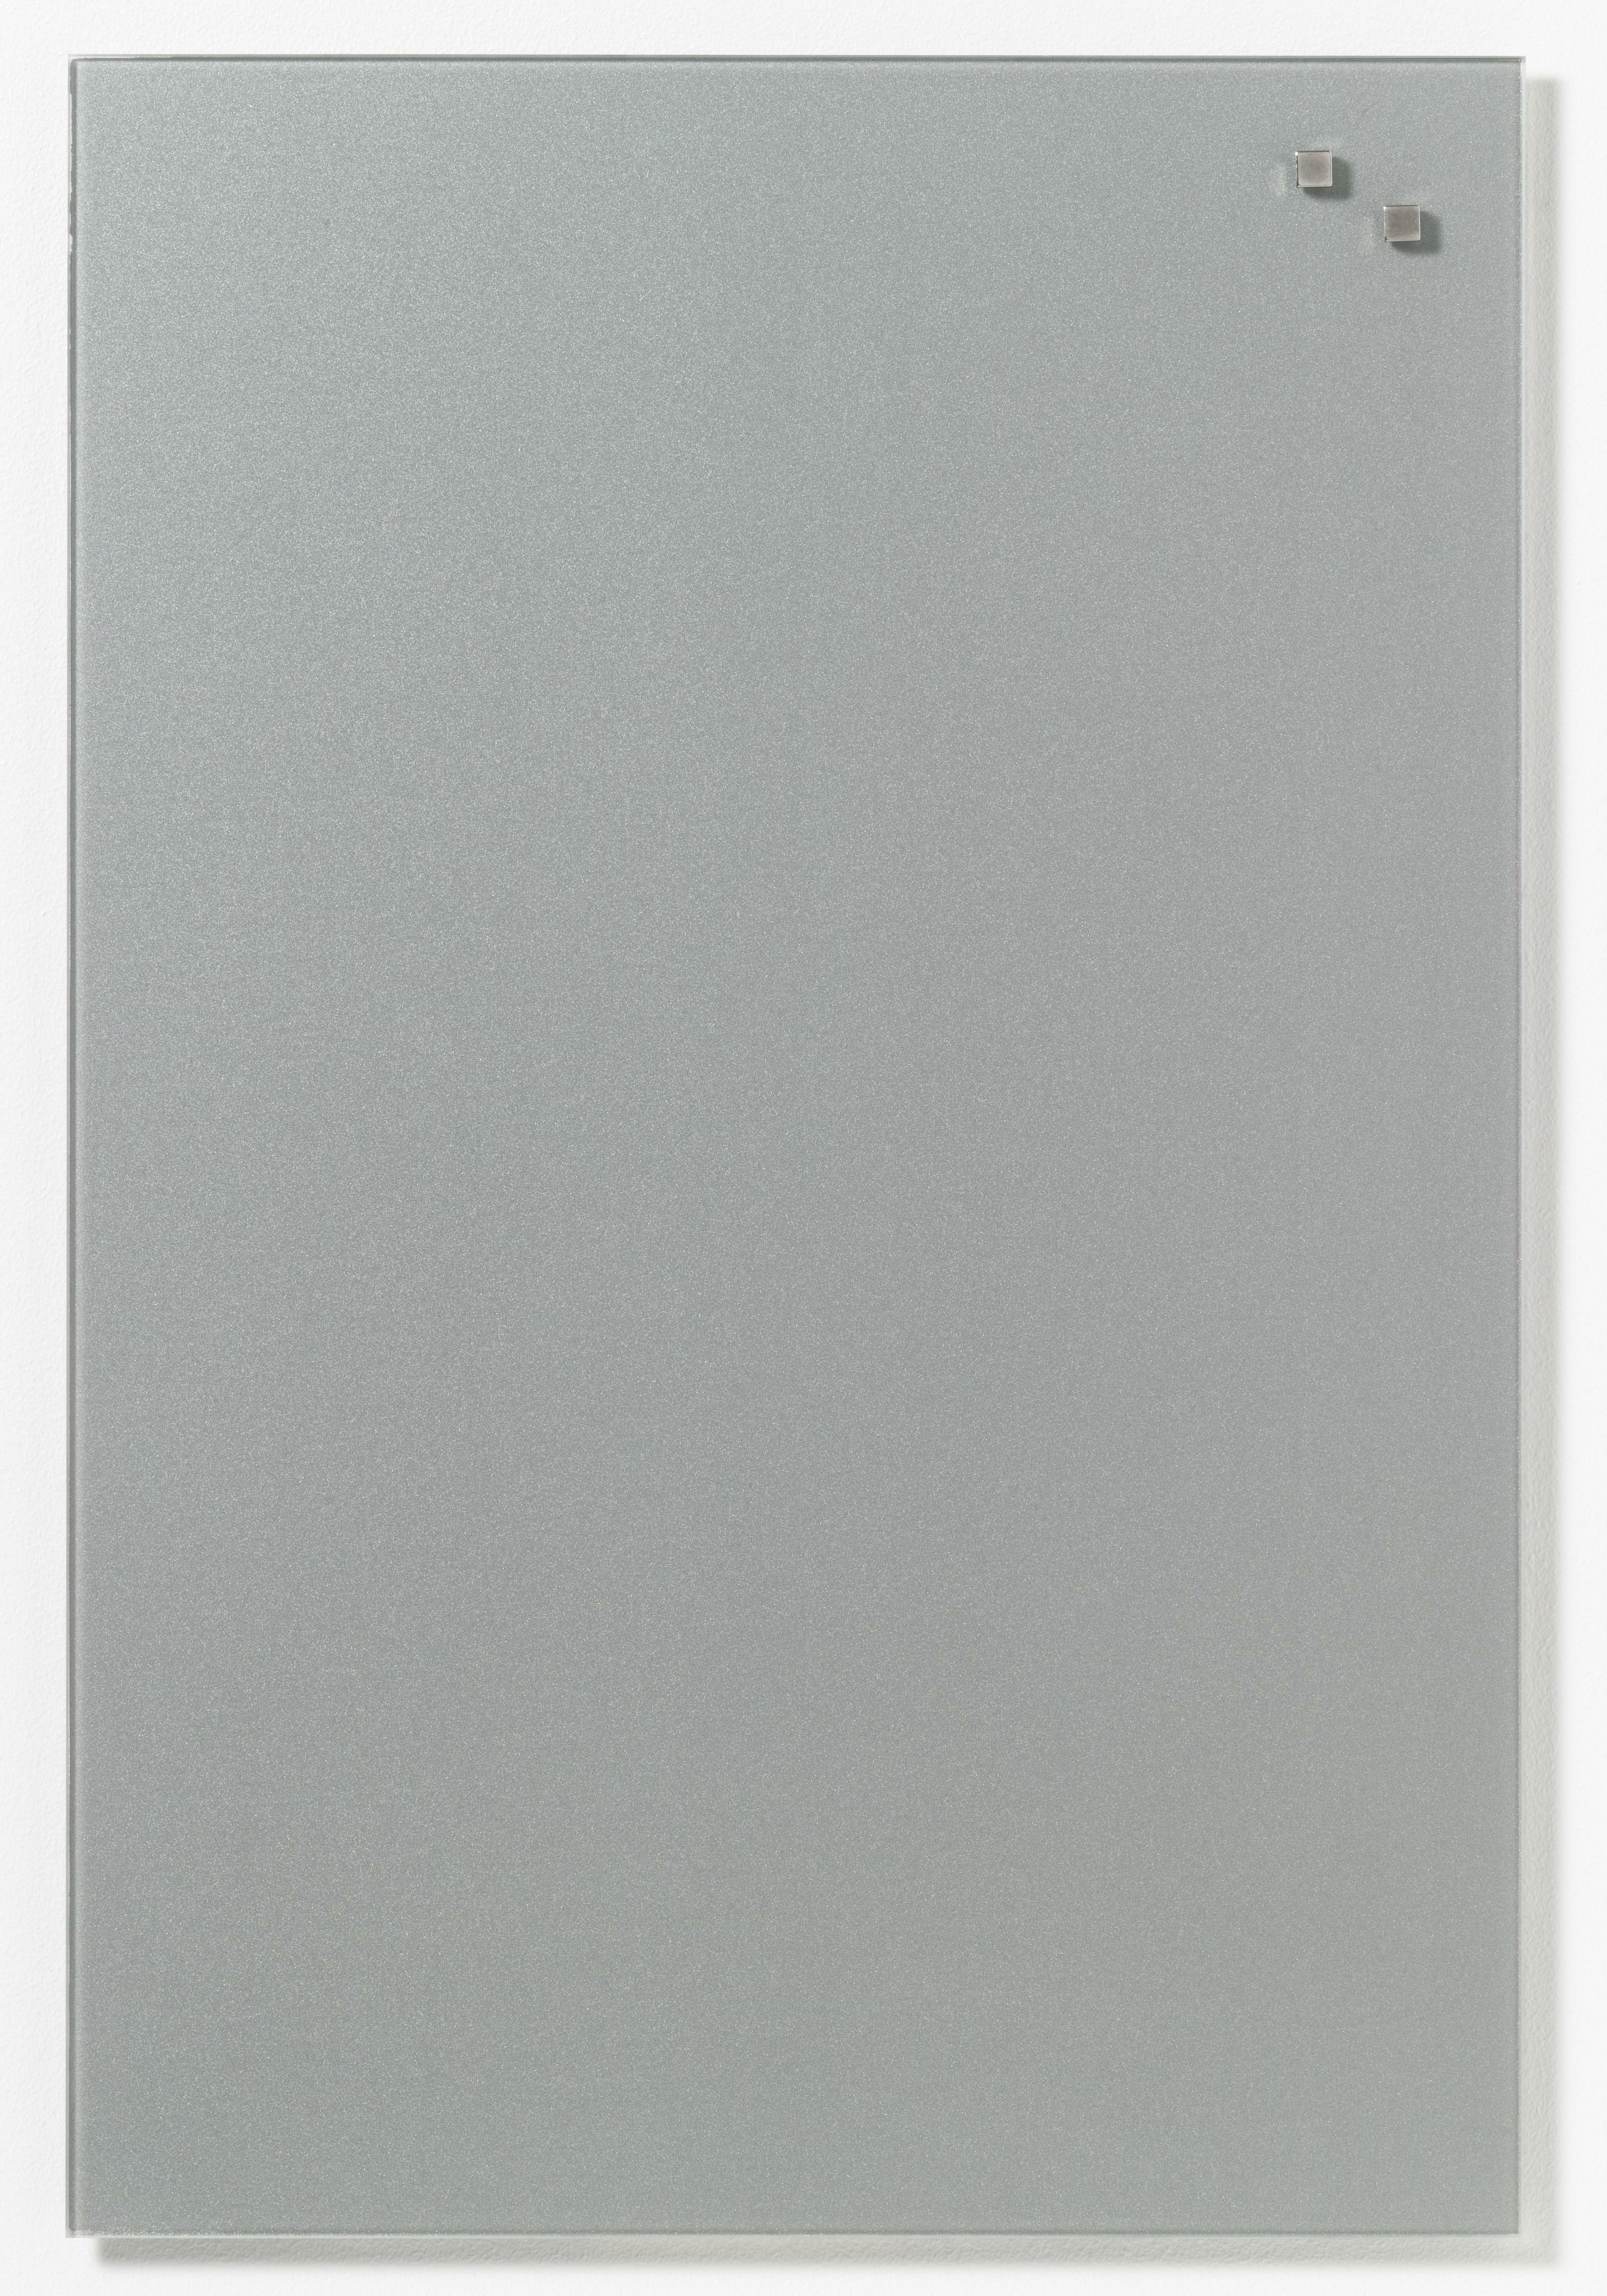 Tabule magnetické skleněné - 40 x 60 cm / stříbrná